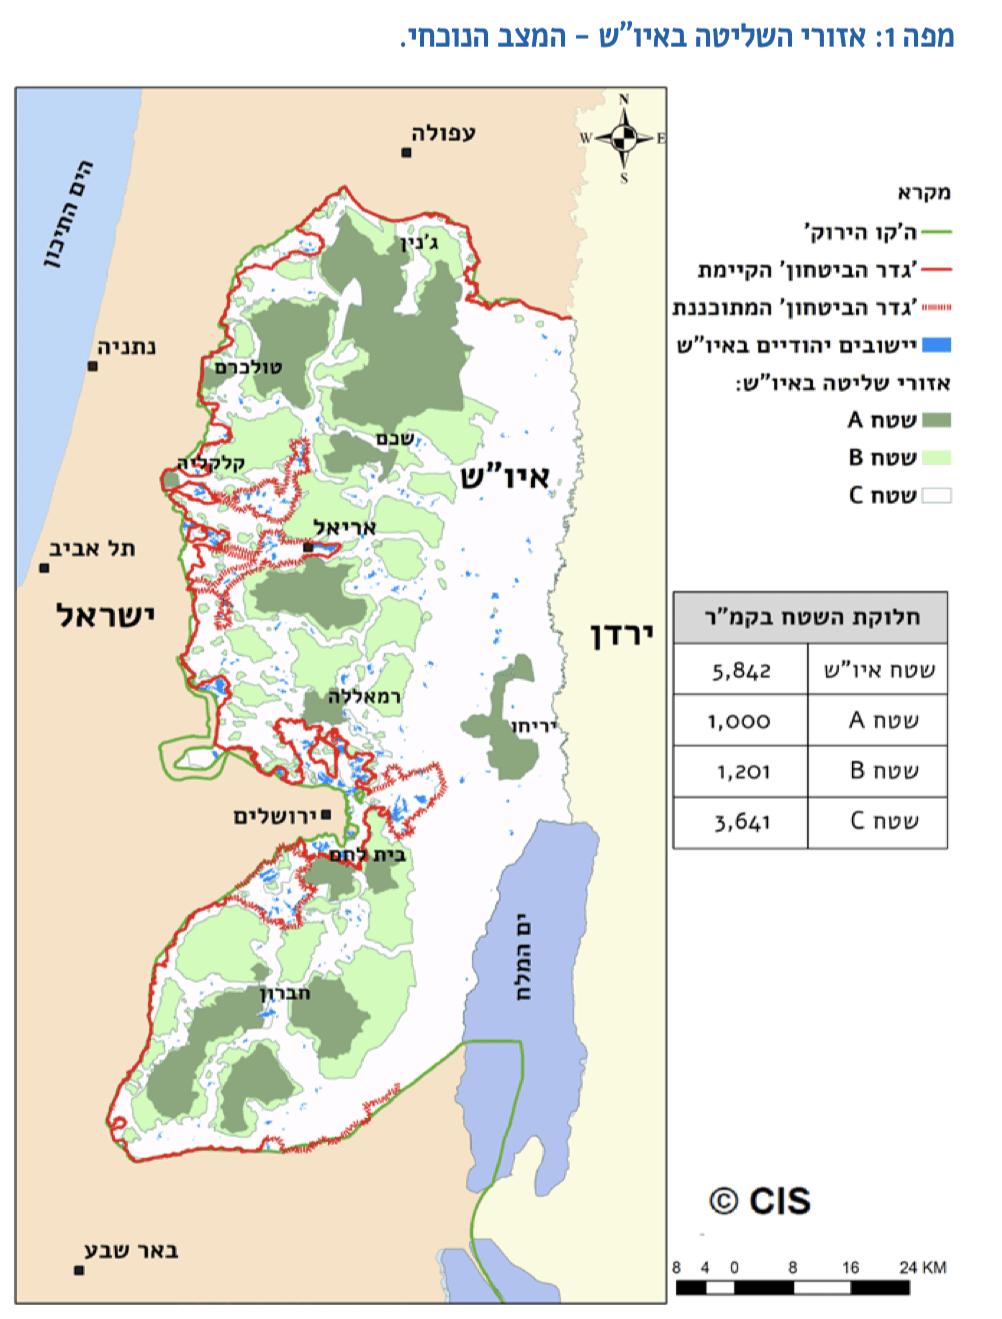 מפת אזורי השליטה באיו״ש (צילום: מקור: מפקדים למען בטחון המדינה)